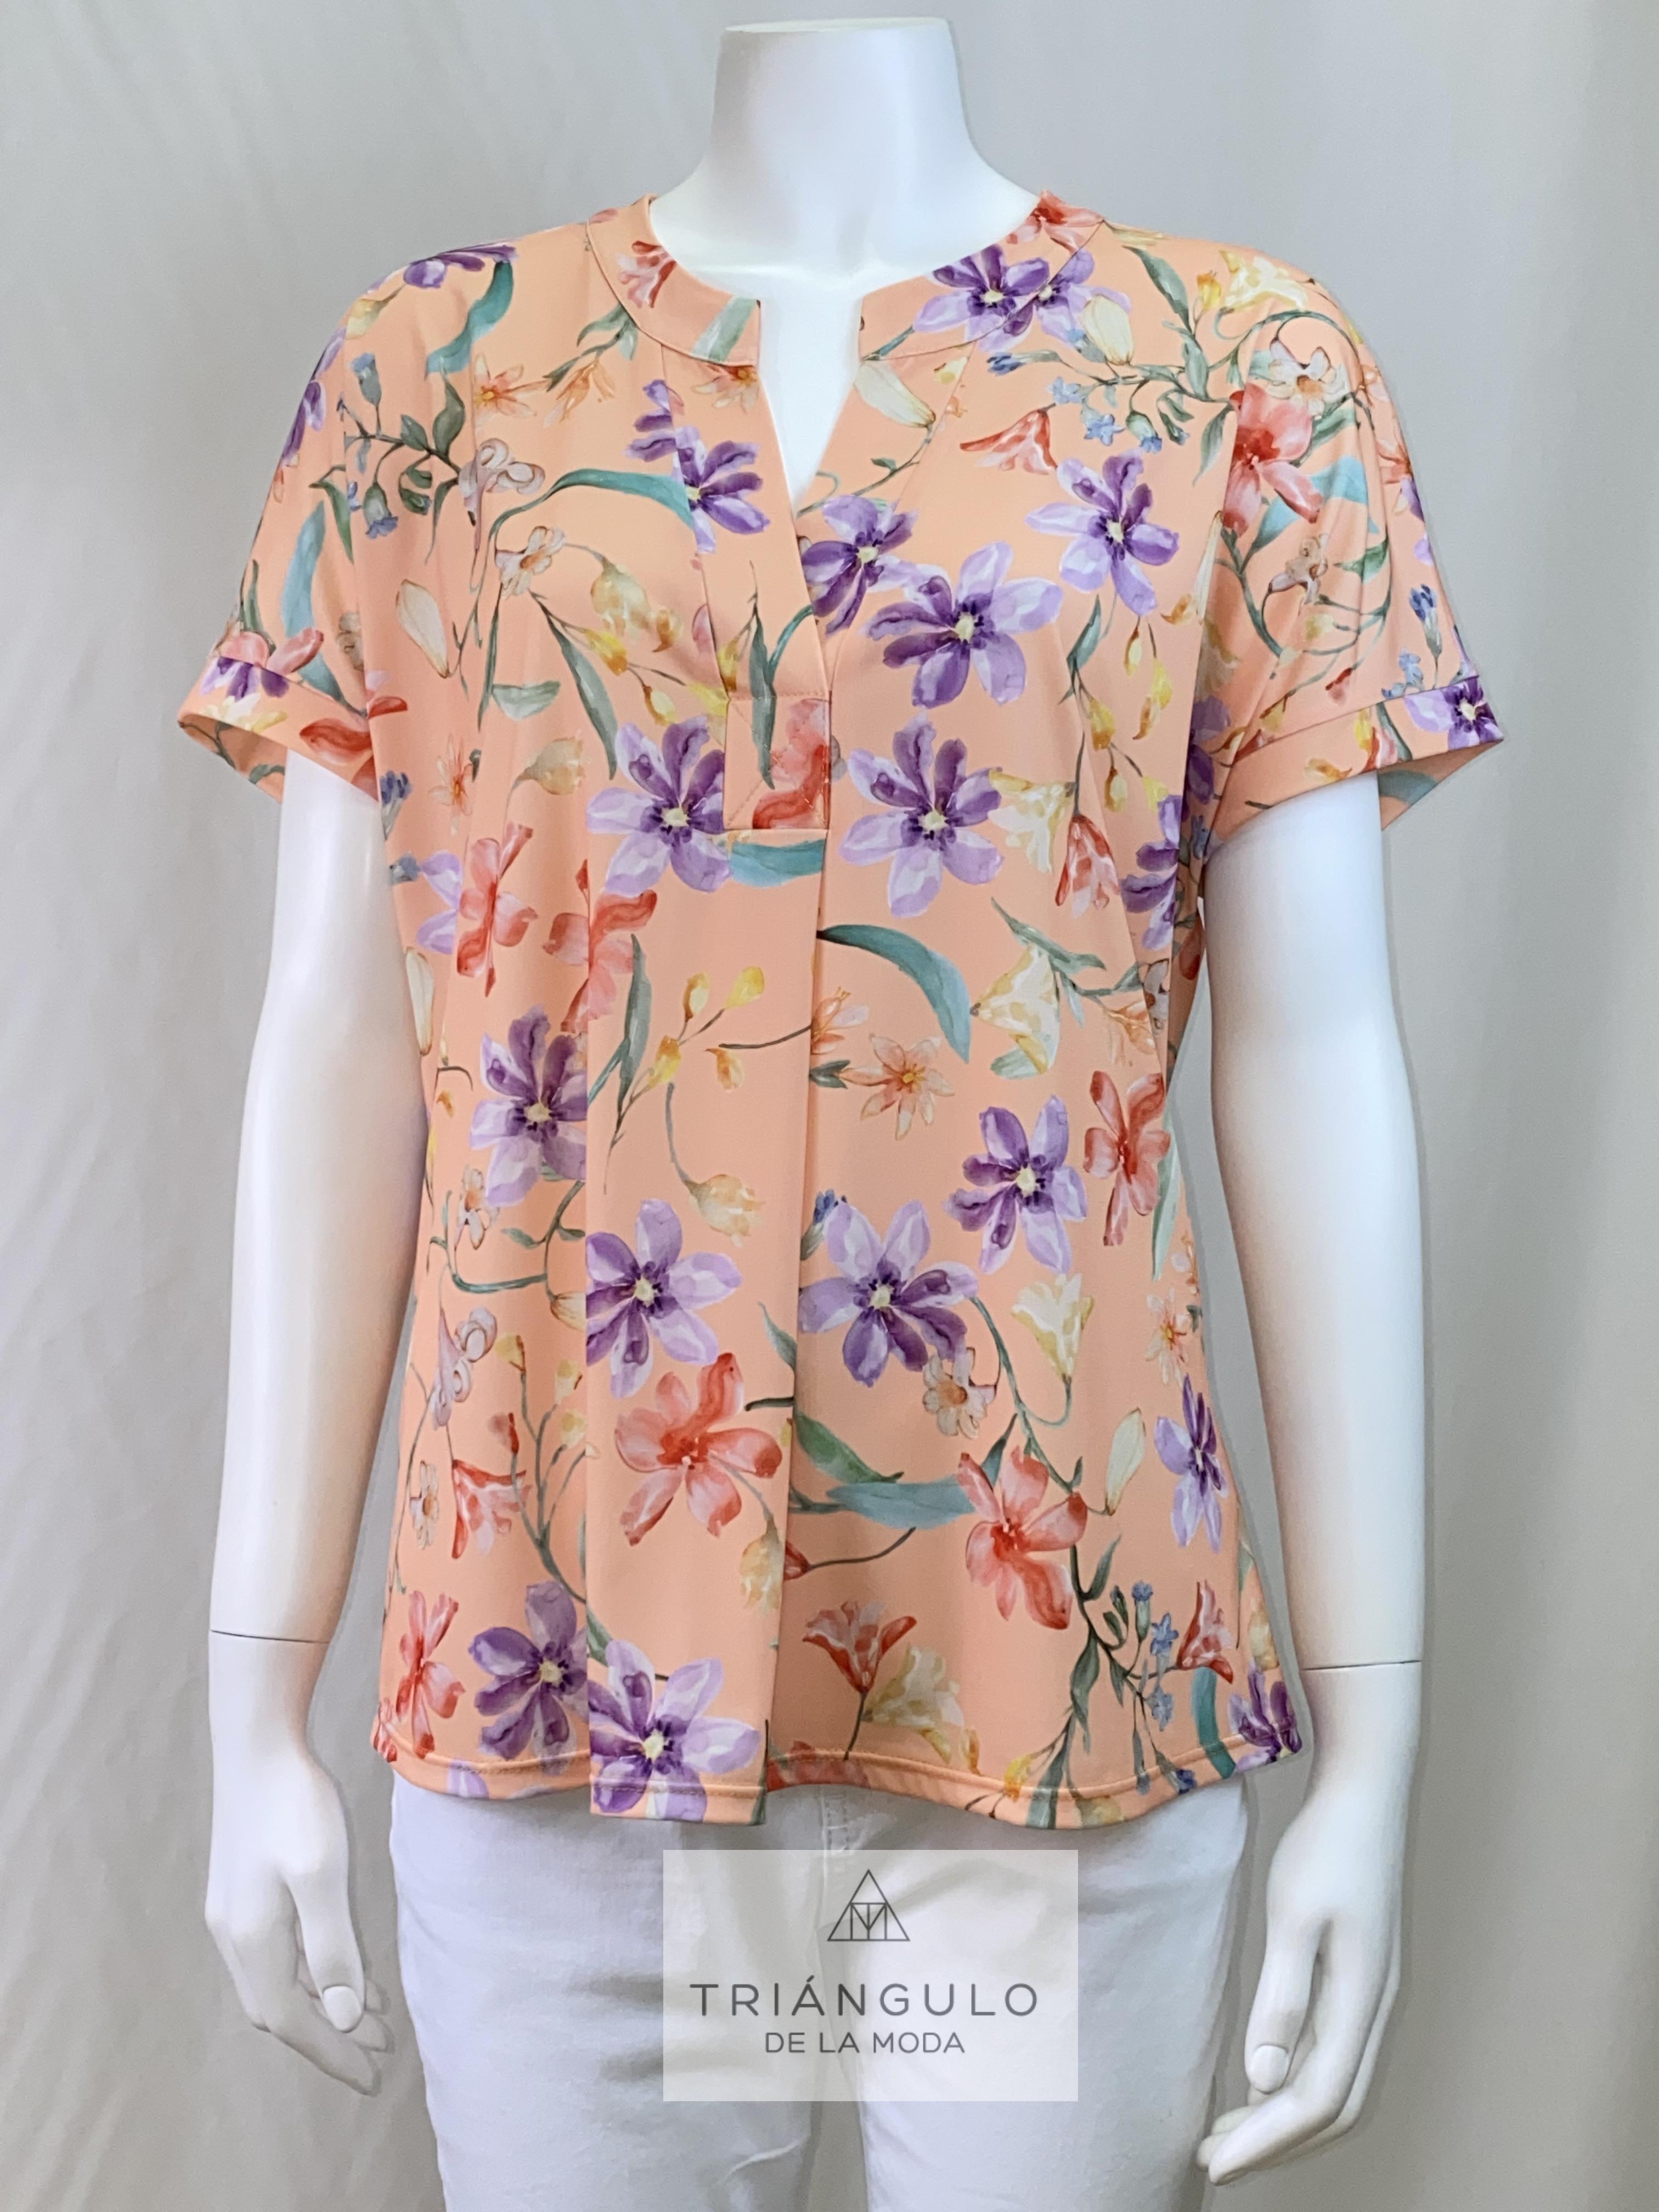 Tienda online del Triangulo de la Moda blusa punto estampada